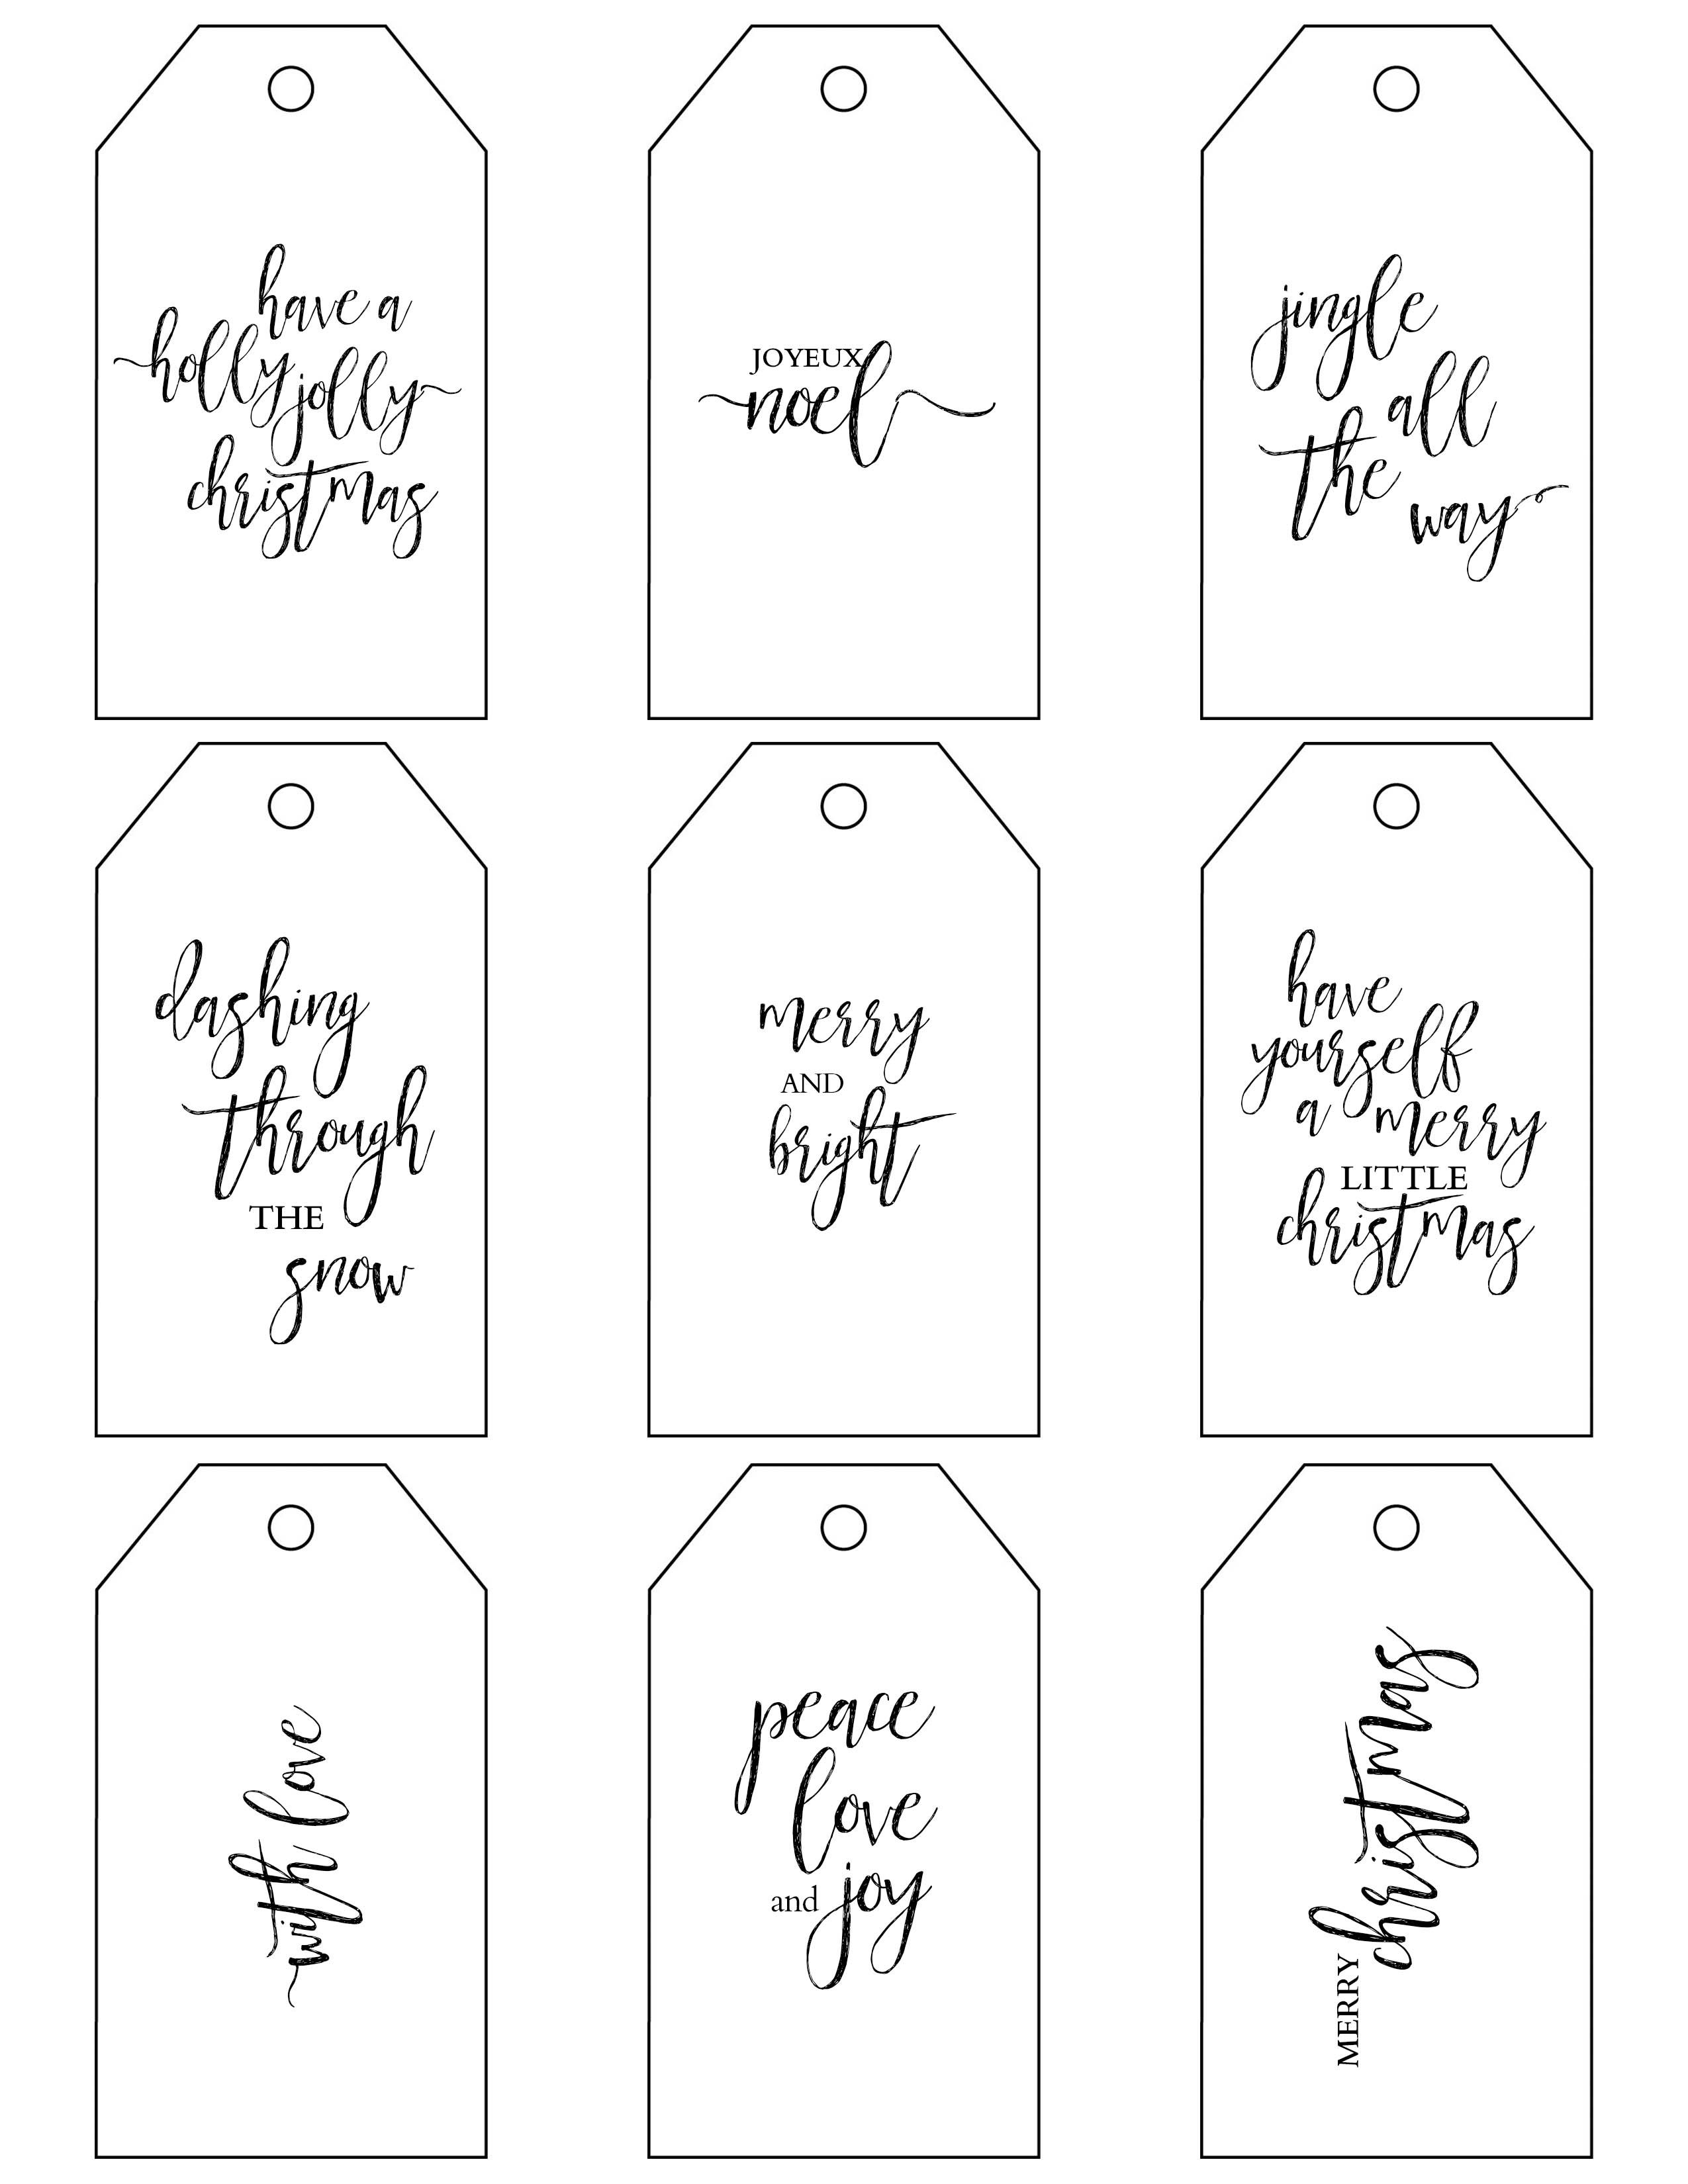 Printable Christmas Gift Tags Make Holiday Wrapping Simple - Free Printable Gift Tags